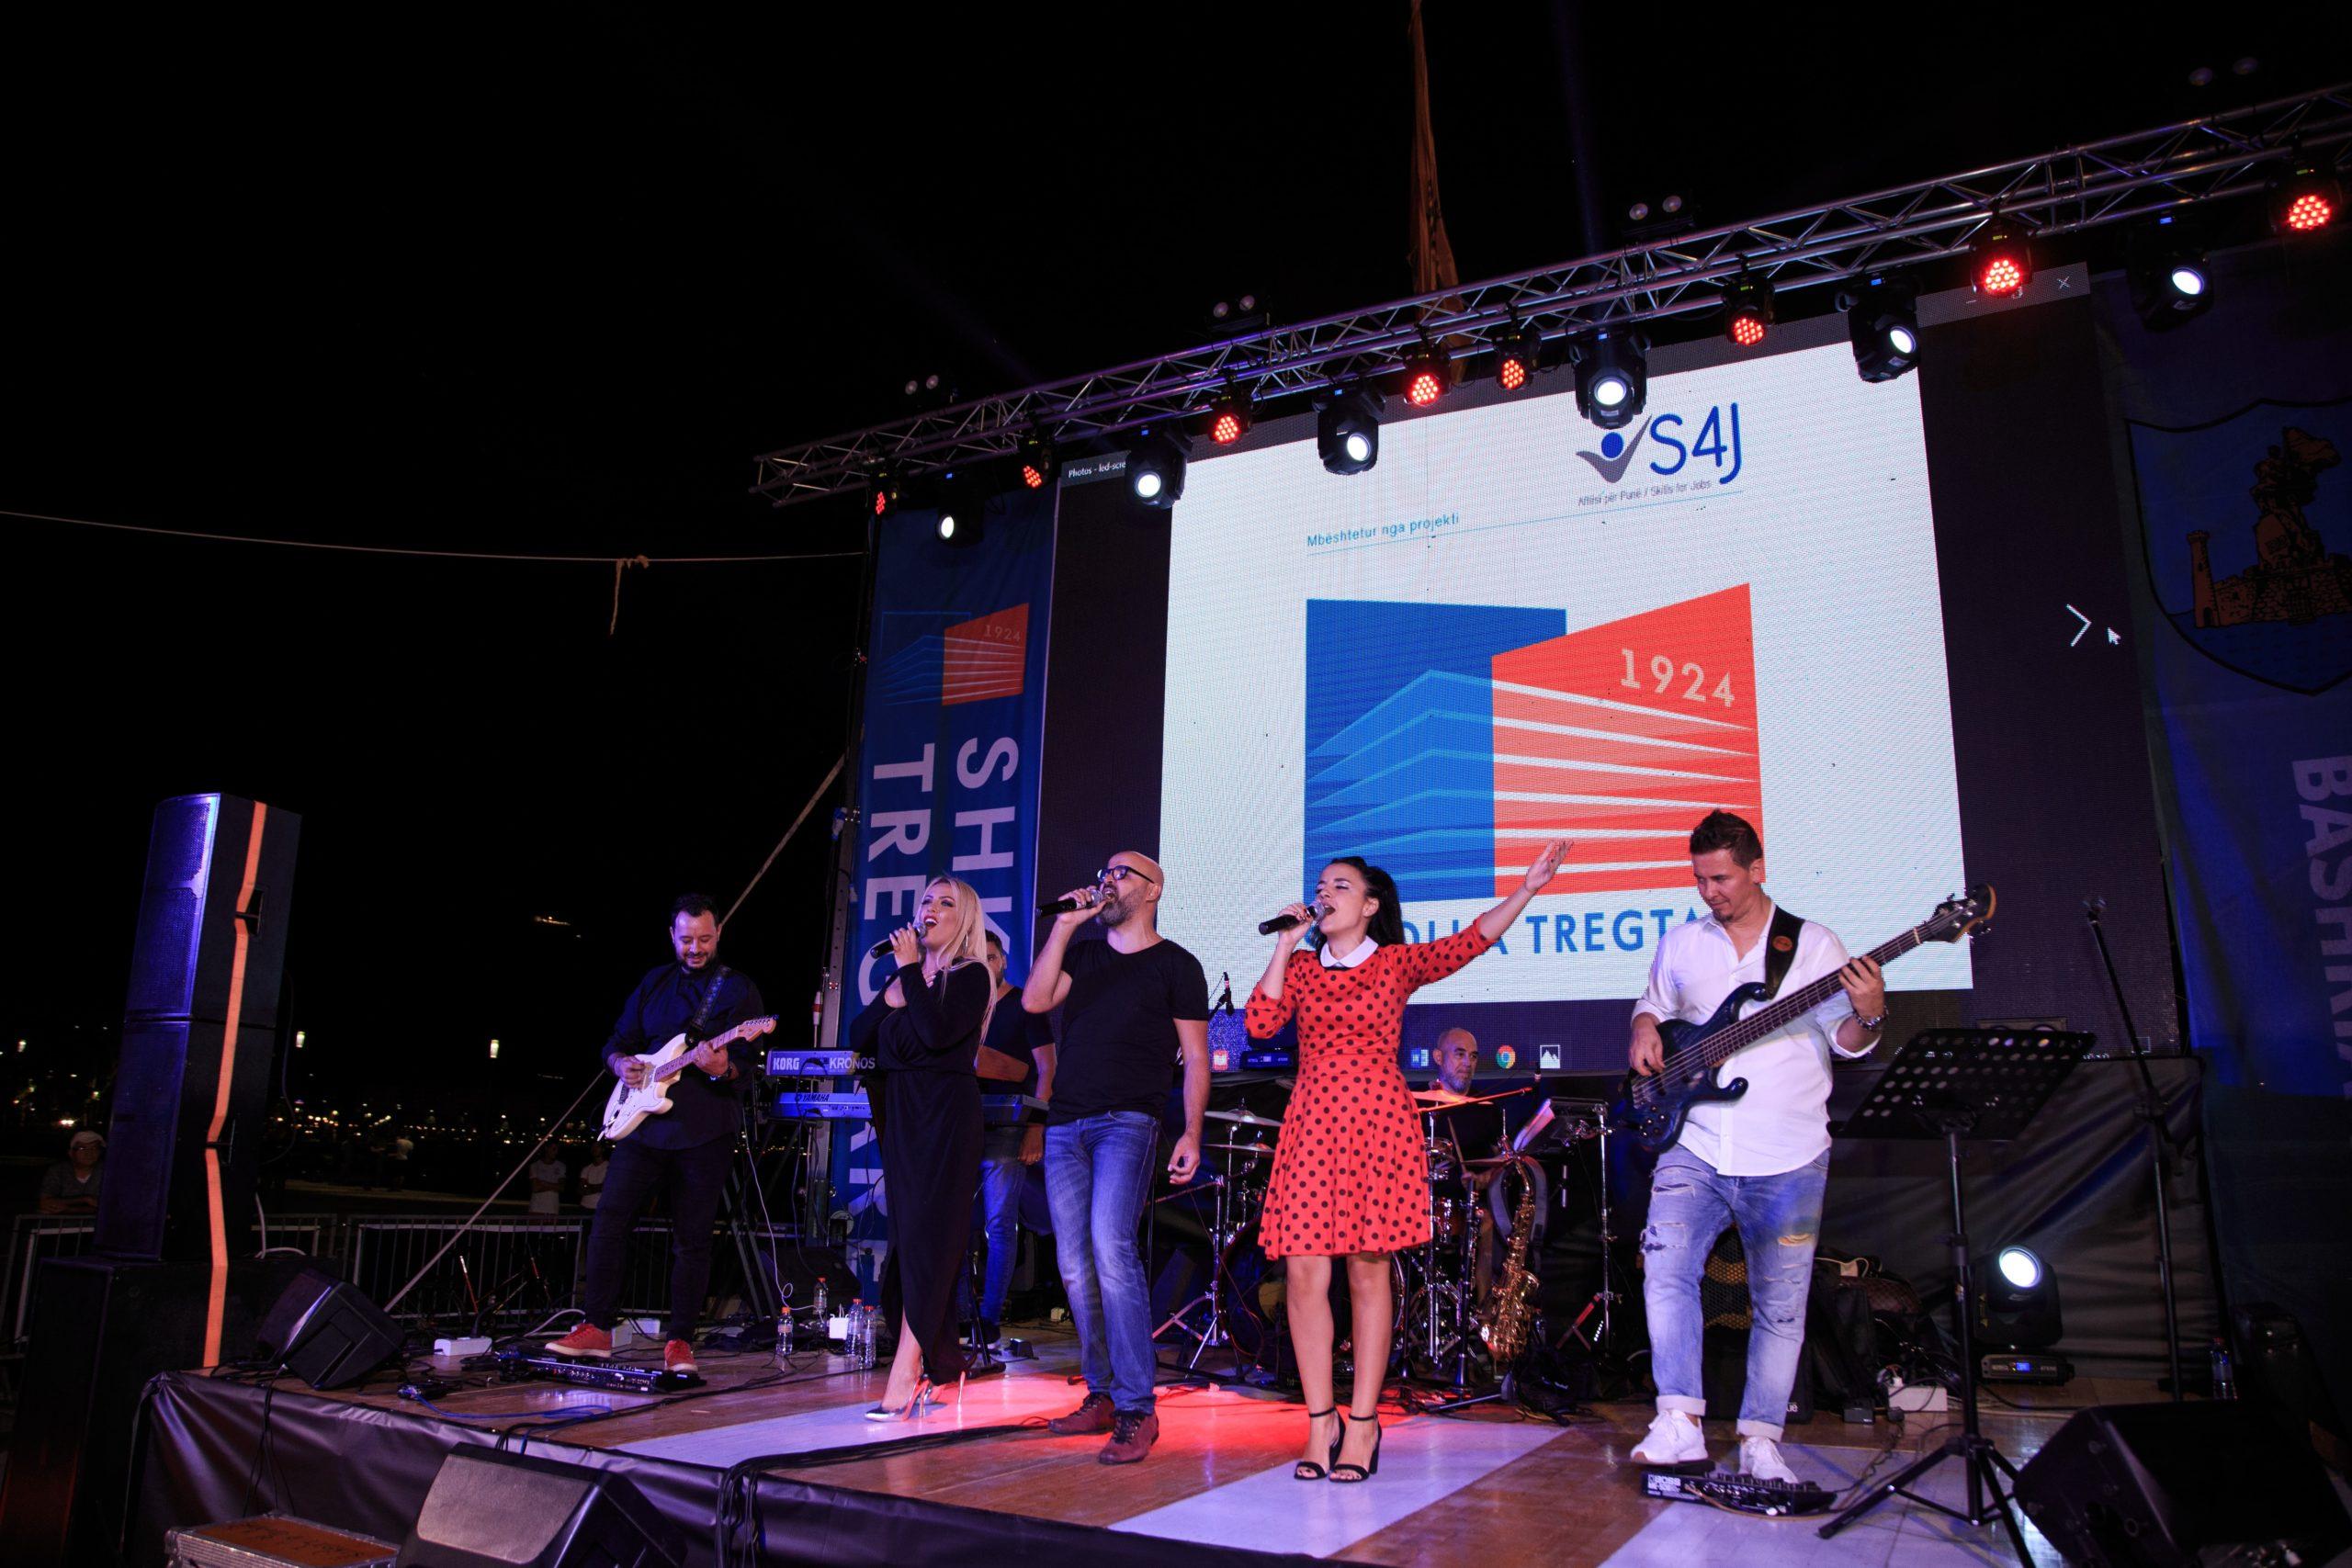 Shkolla 'Tregtare' bashkëpunon me bashkinë e Vlorës për të promovuar turizmin